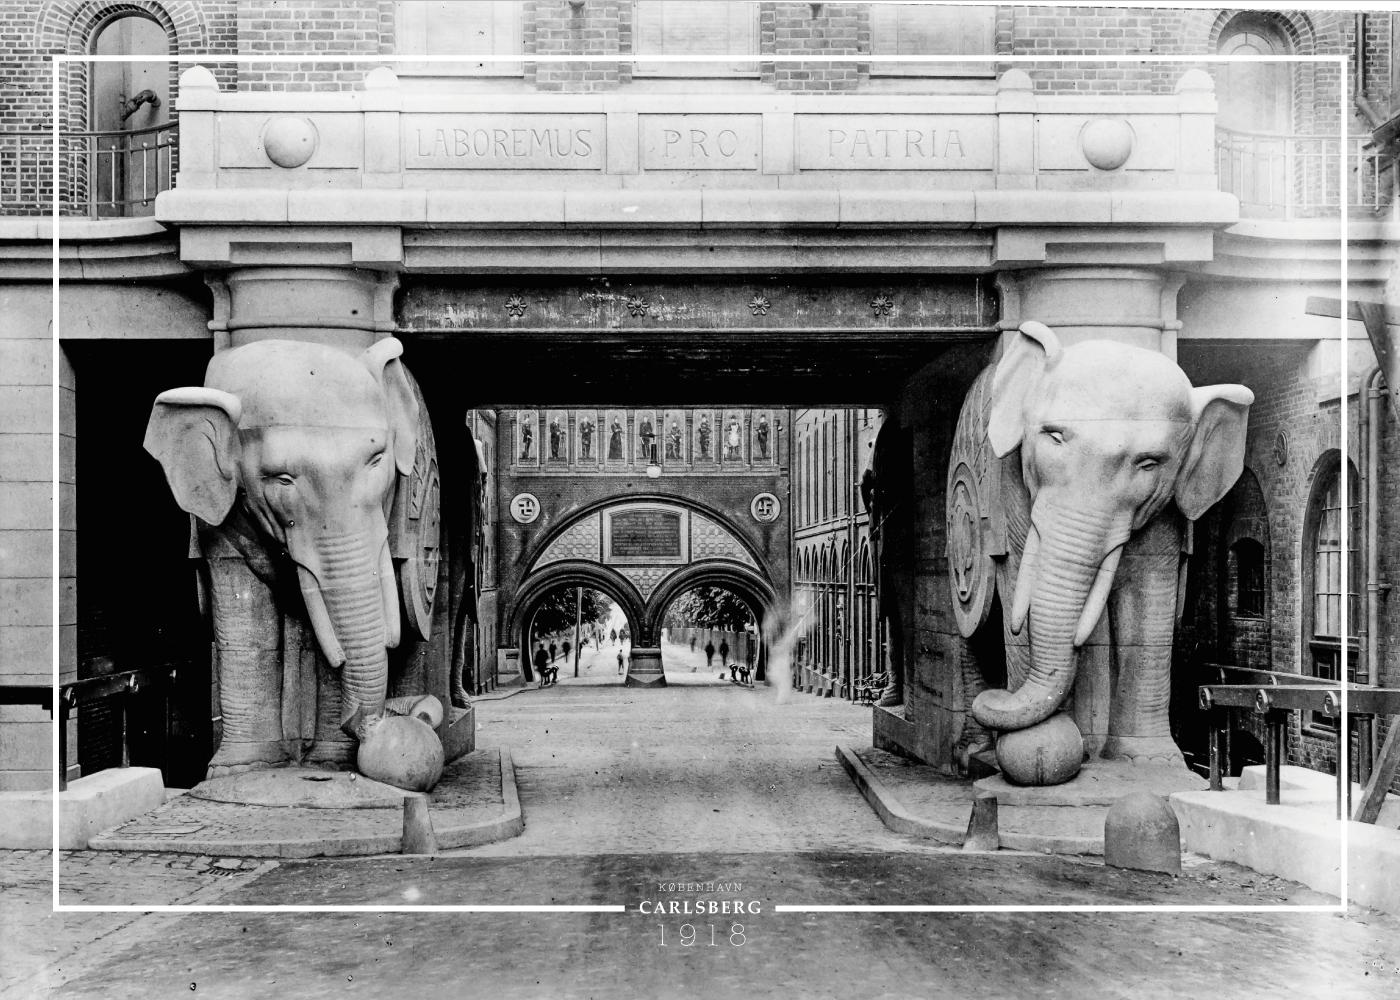 Carlsberg porten - Gamle billeder af København plakat